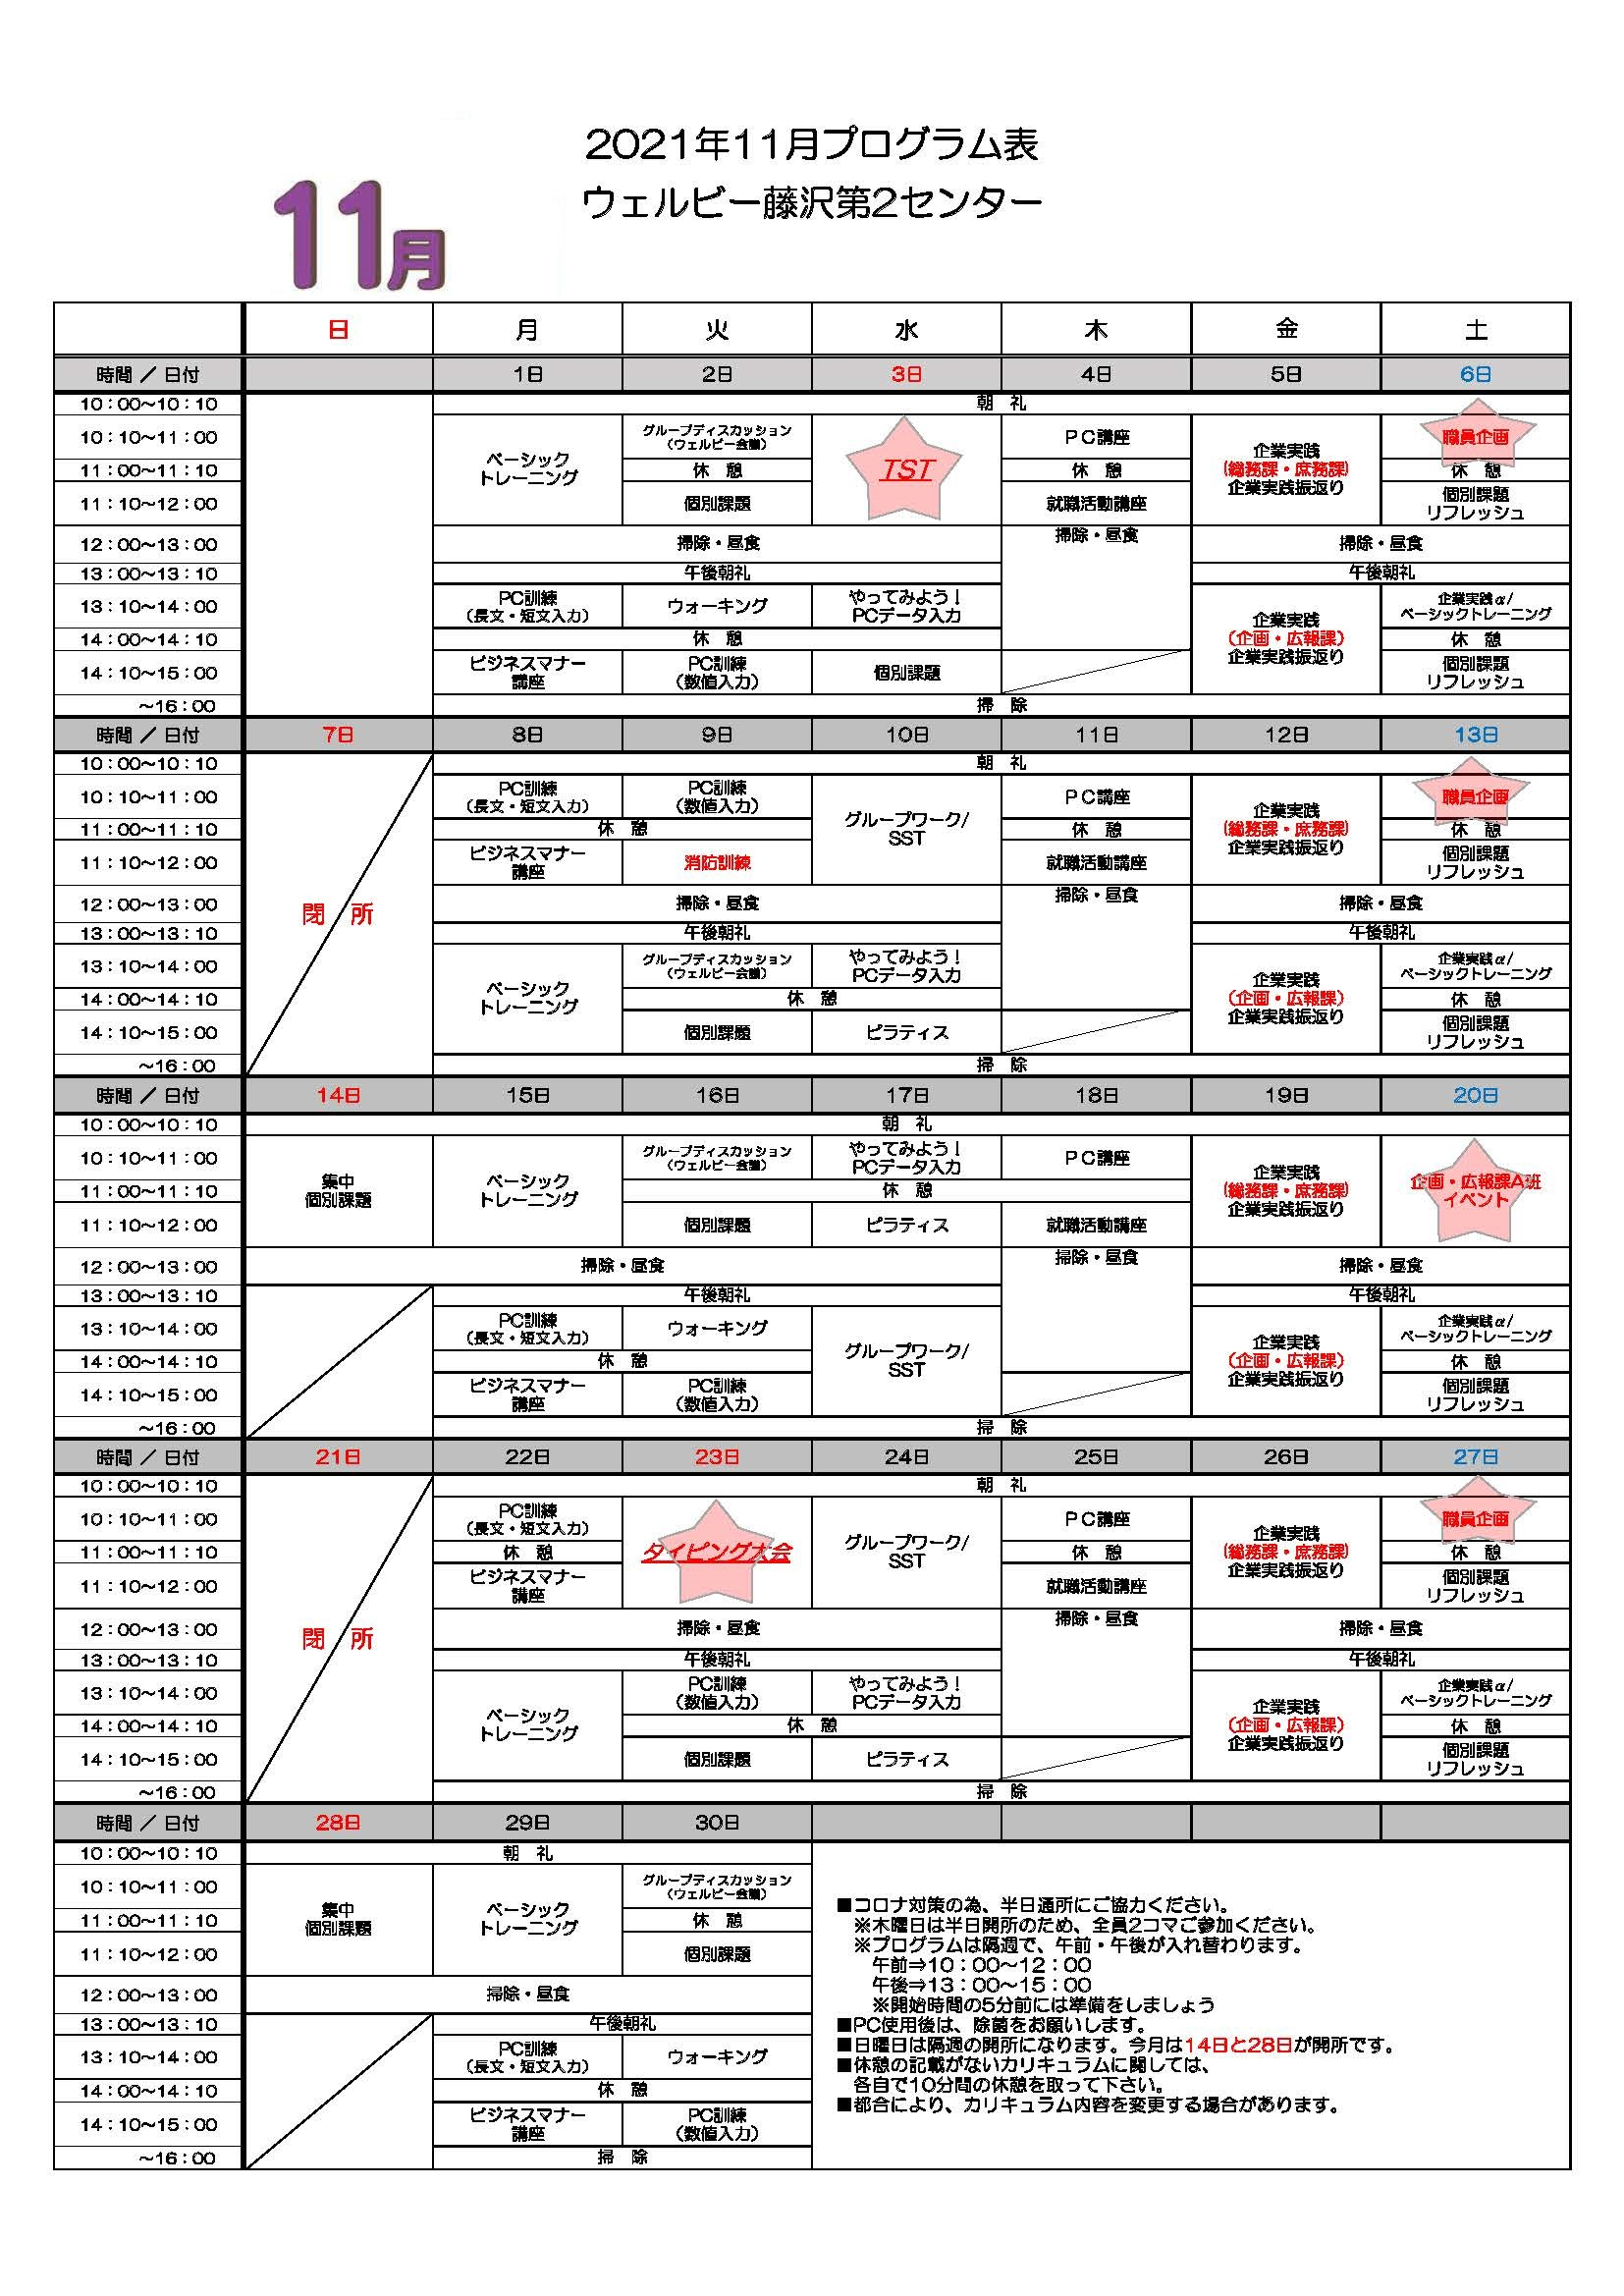 ウェルビー藤沢第2センター11月プログラム表